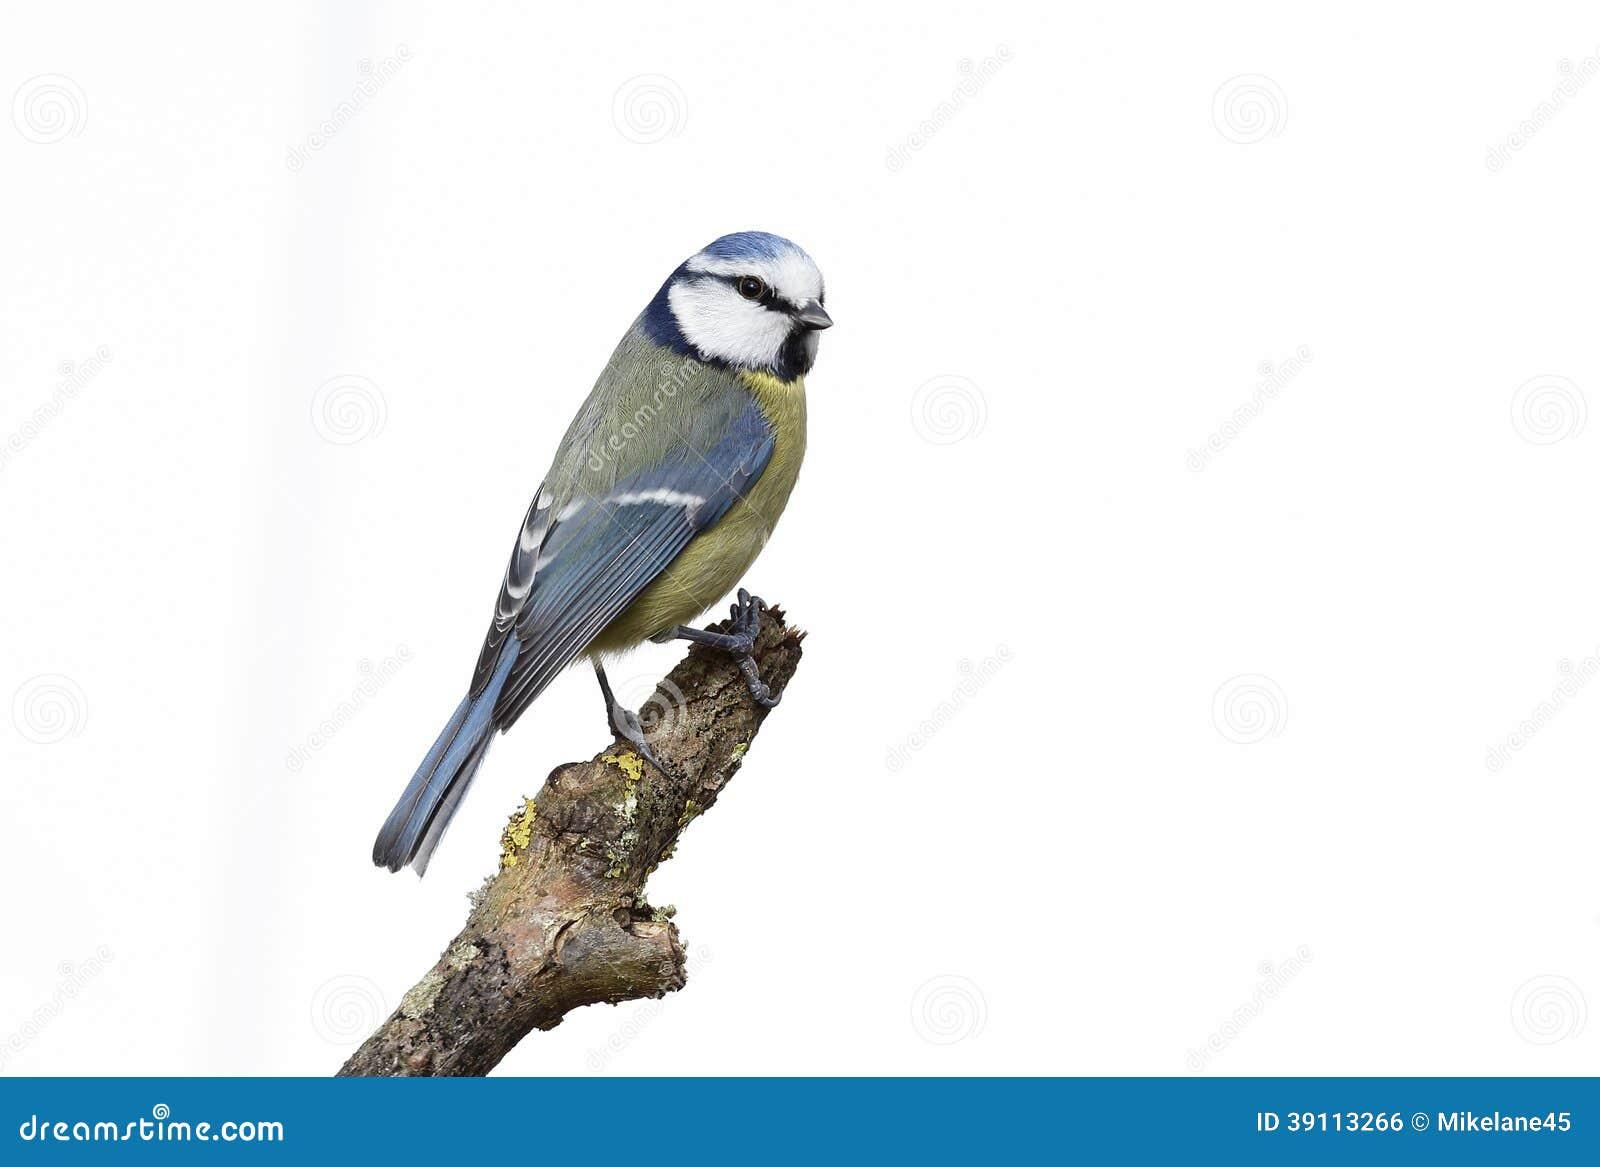 Blauwe mees, Parus-caeruleus